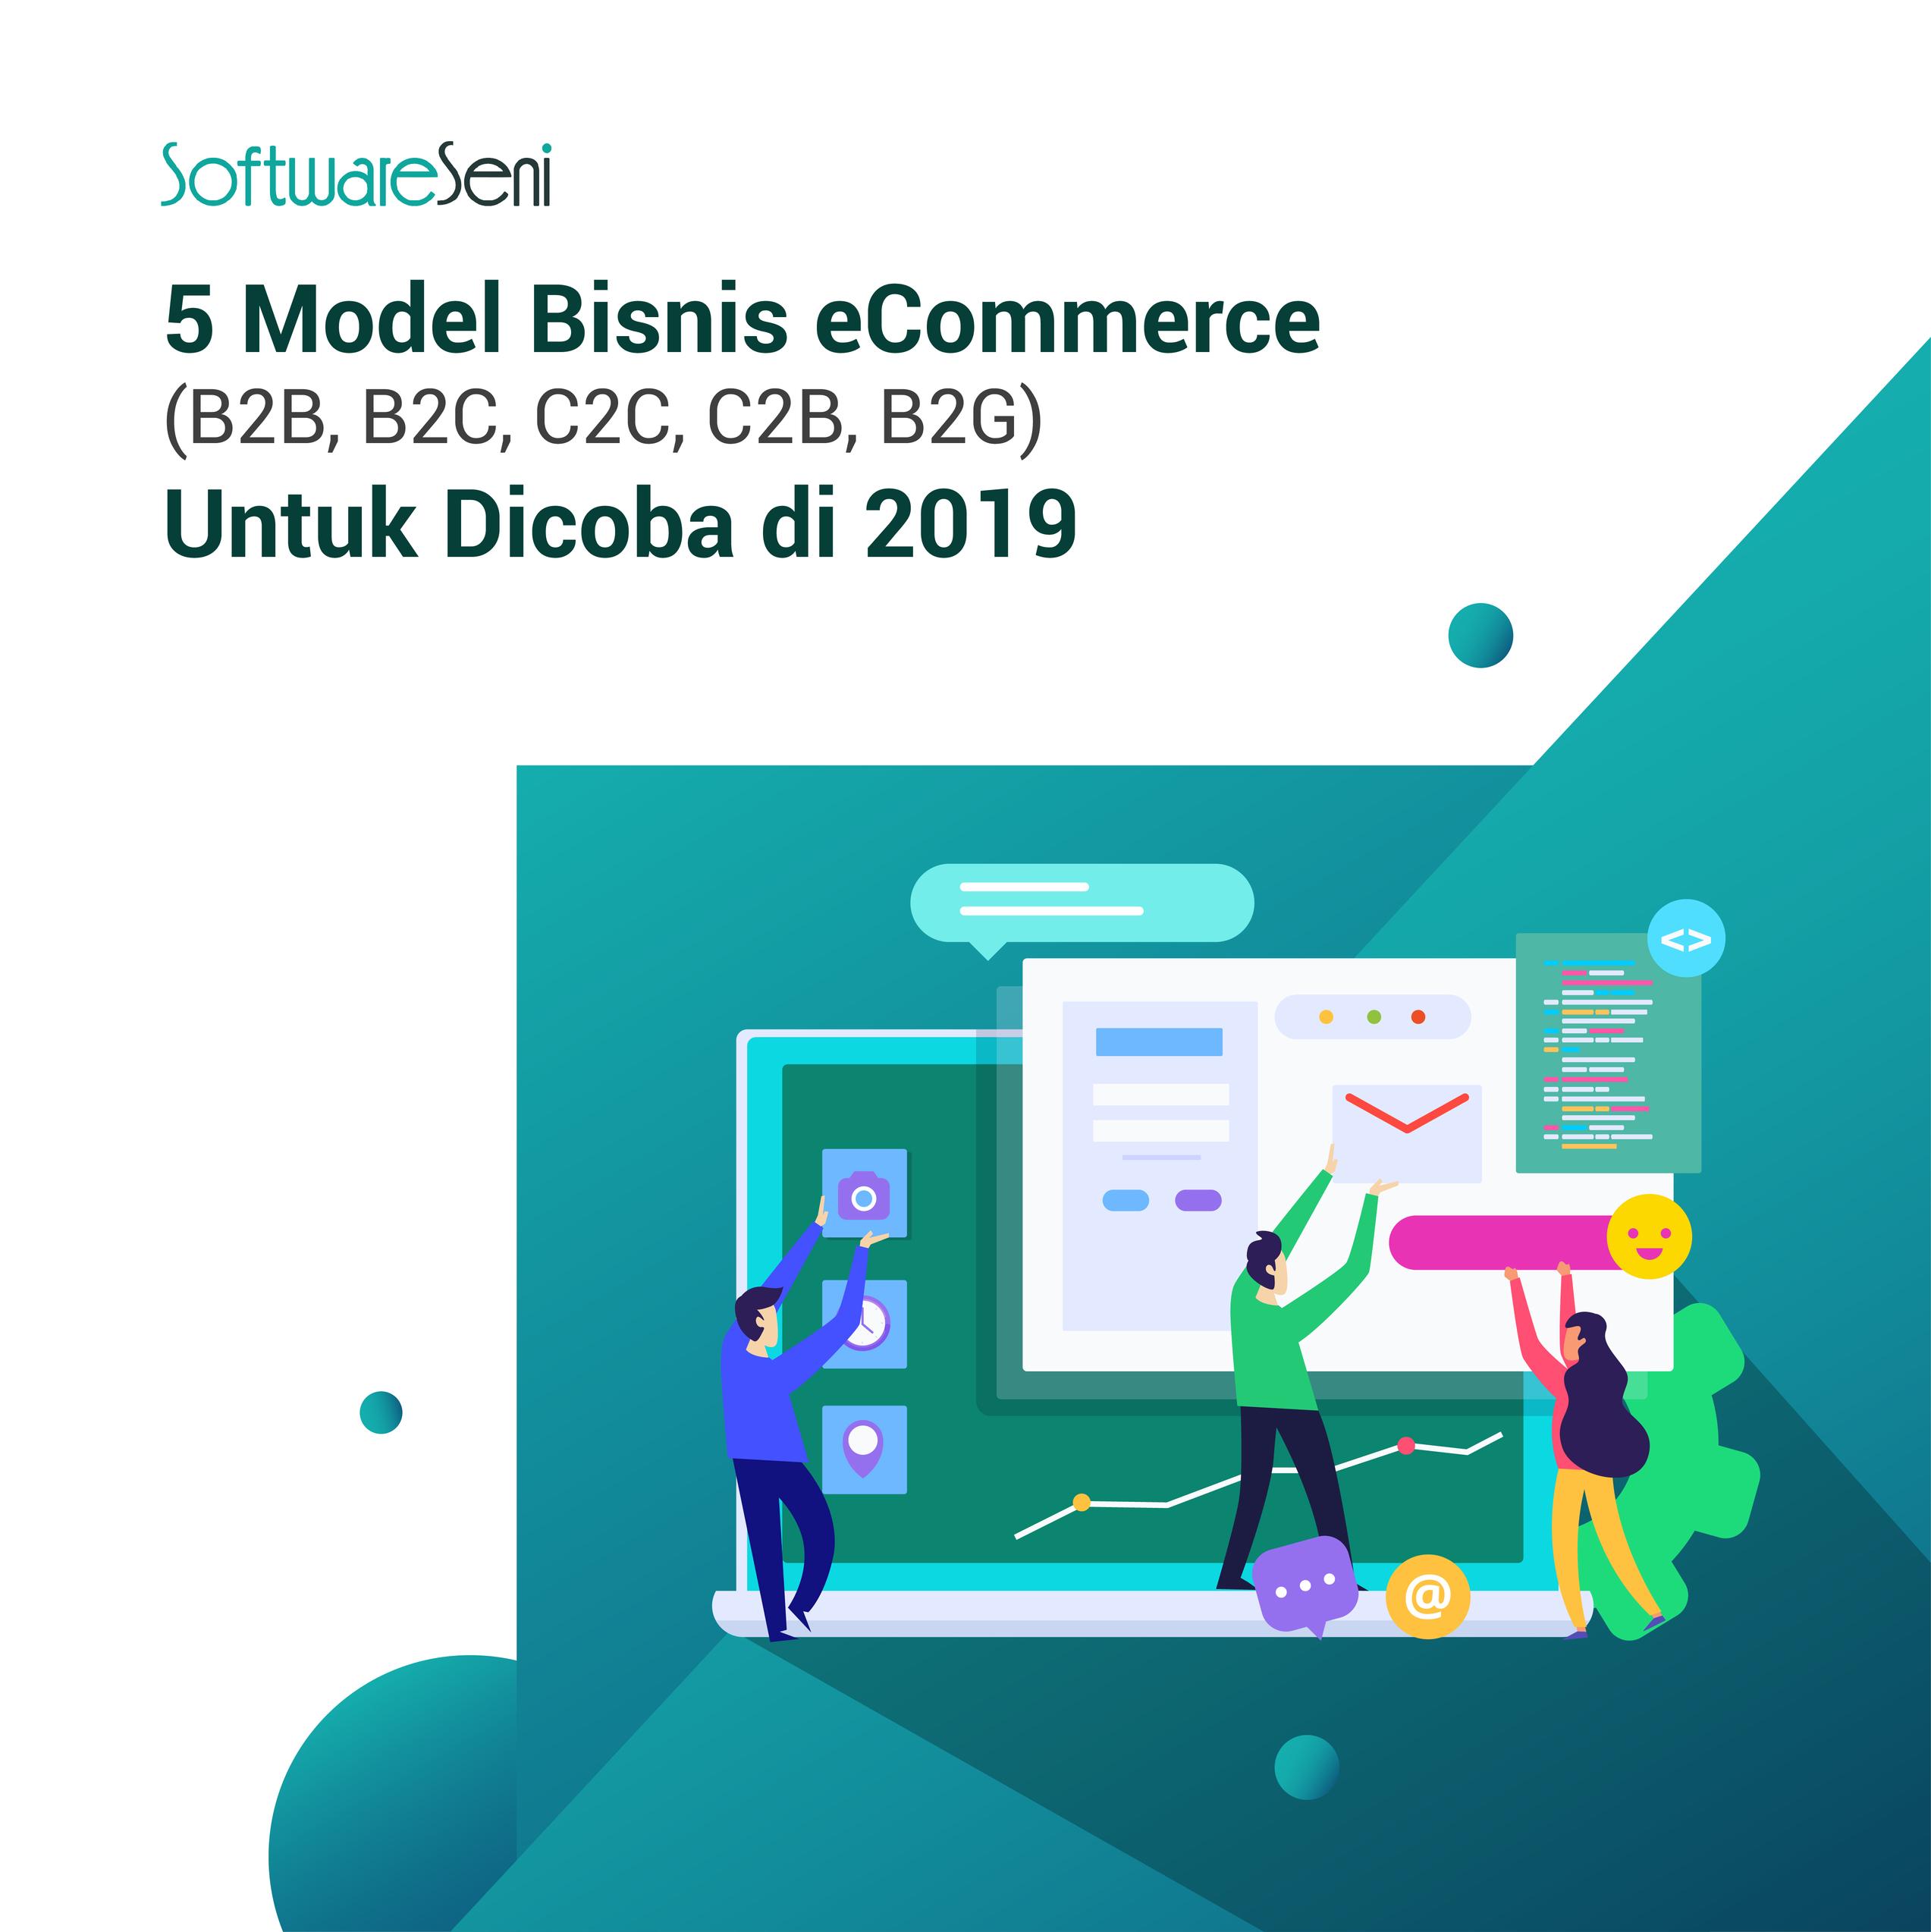 5 Model Bisnis eCommerce (B2B, B2C, C2C, C2B, B2G) Untuk Dicoba di 2020